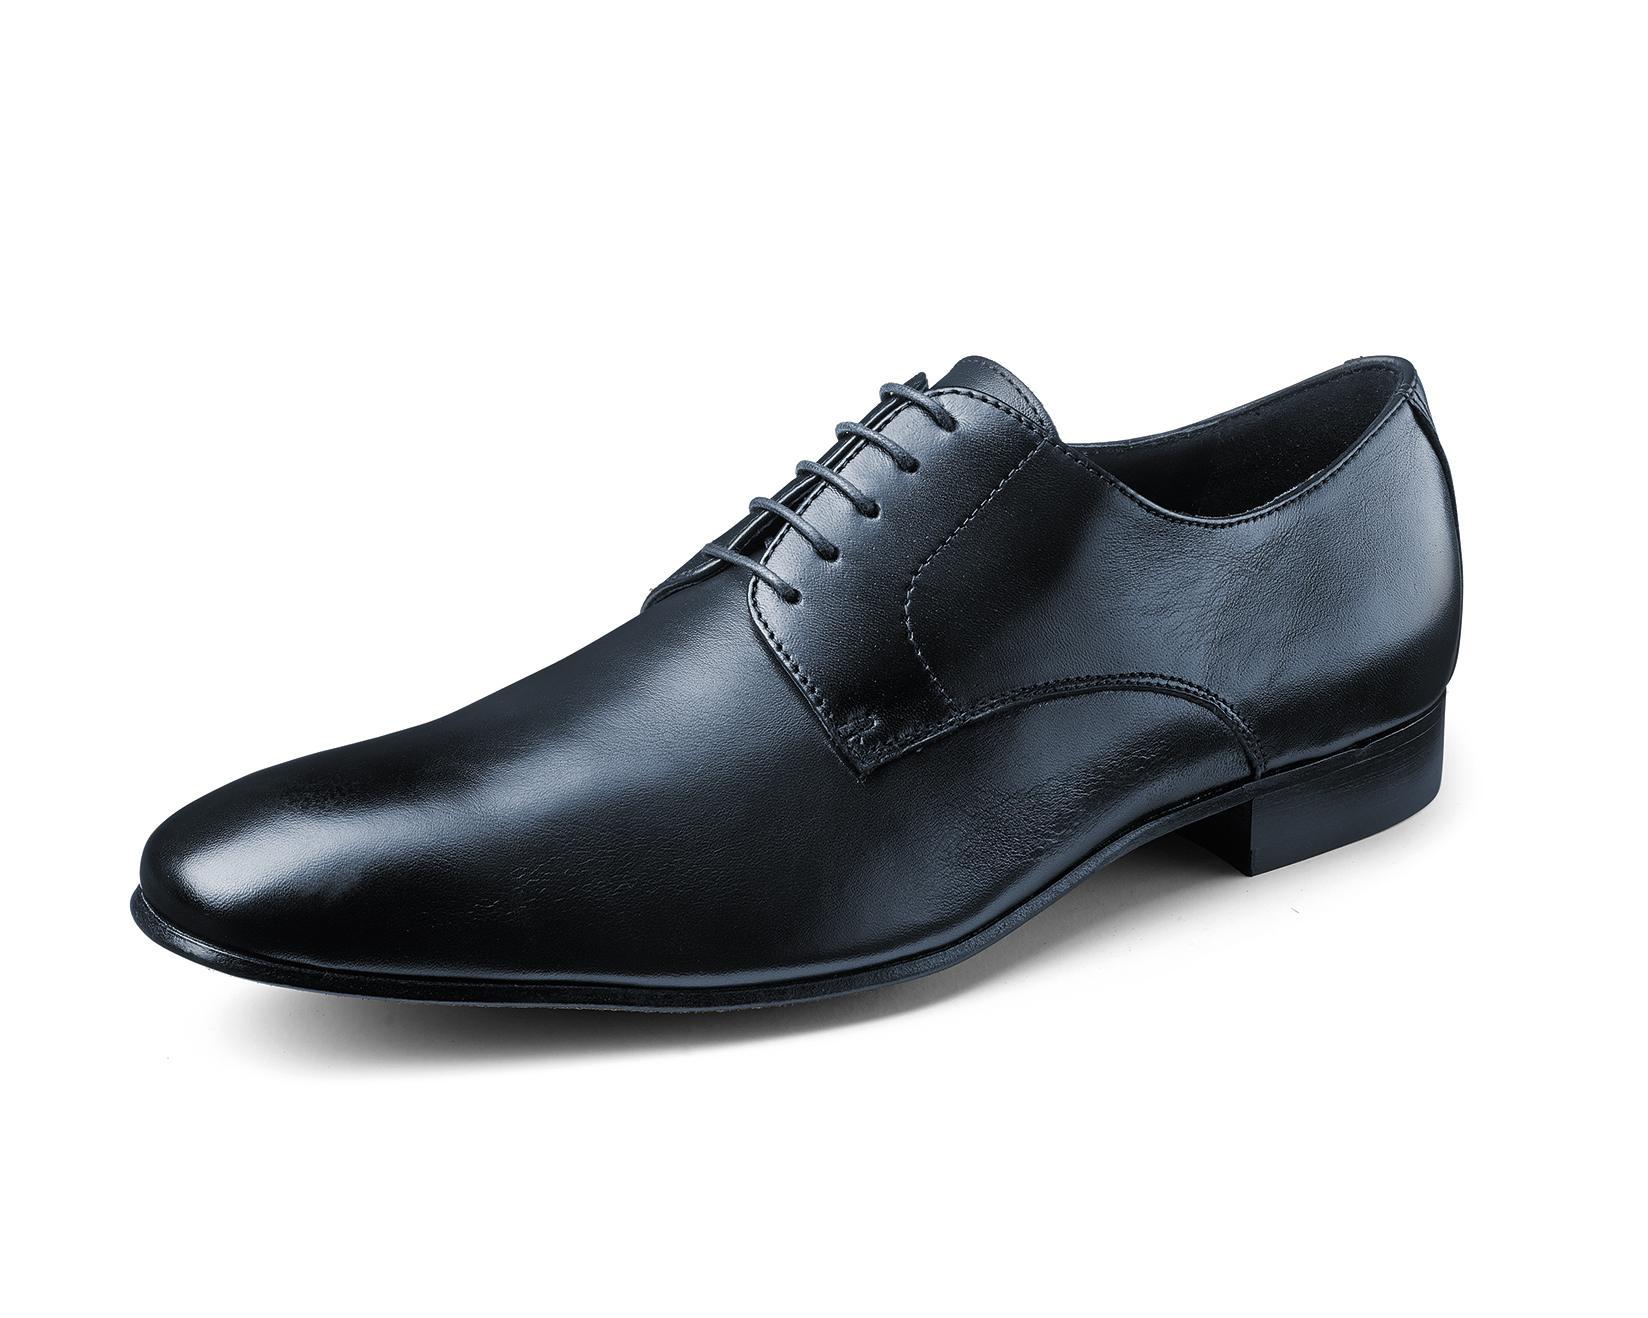 Wilvorst bőr cipő 0257-448311/.. Ár: 44.900 Ft